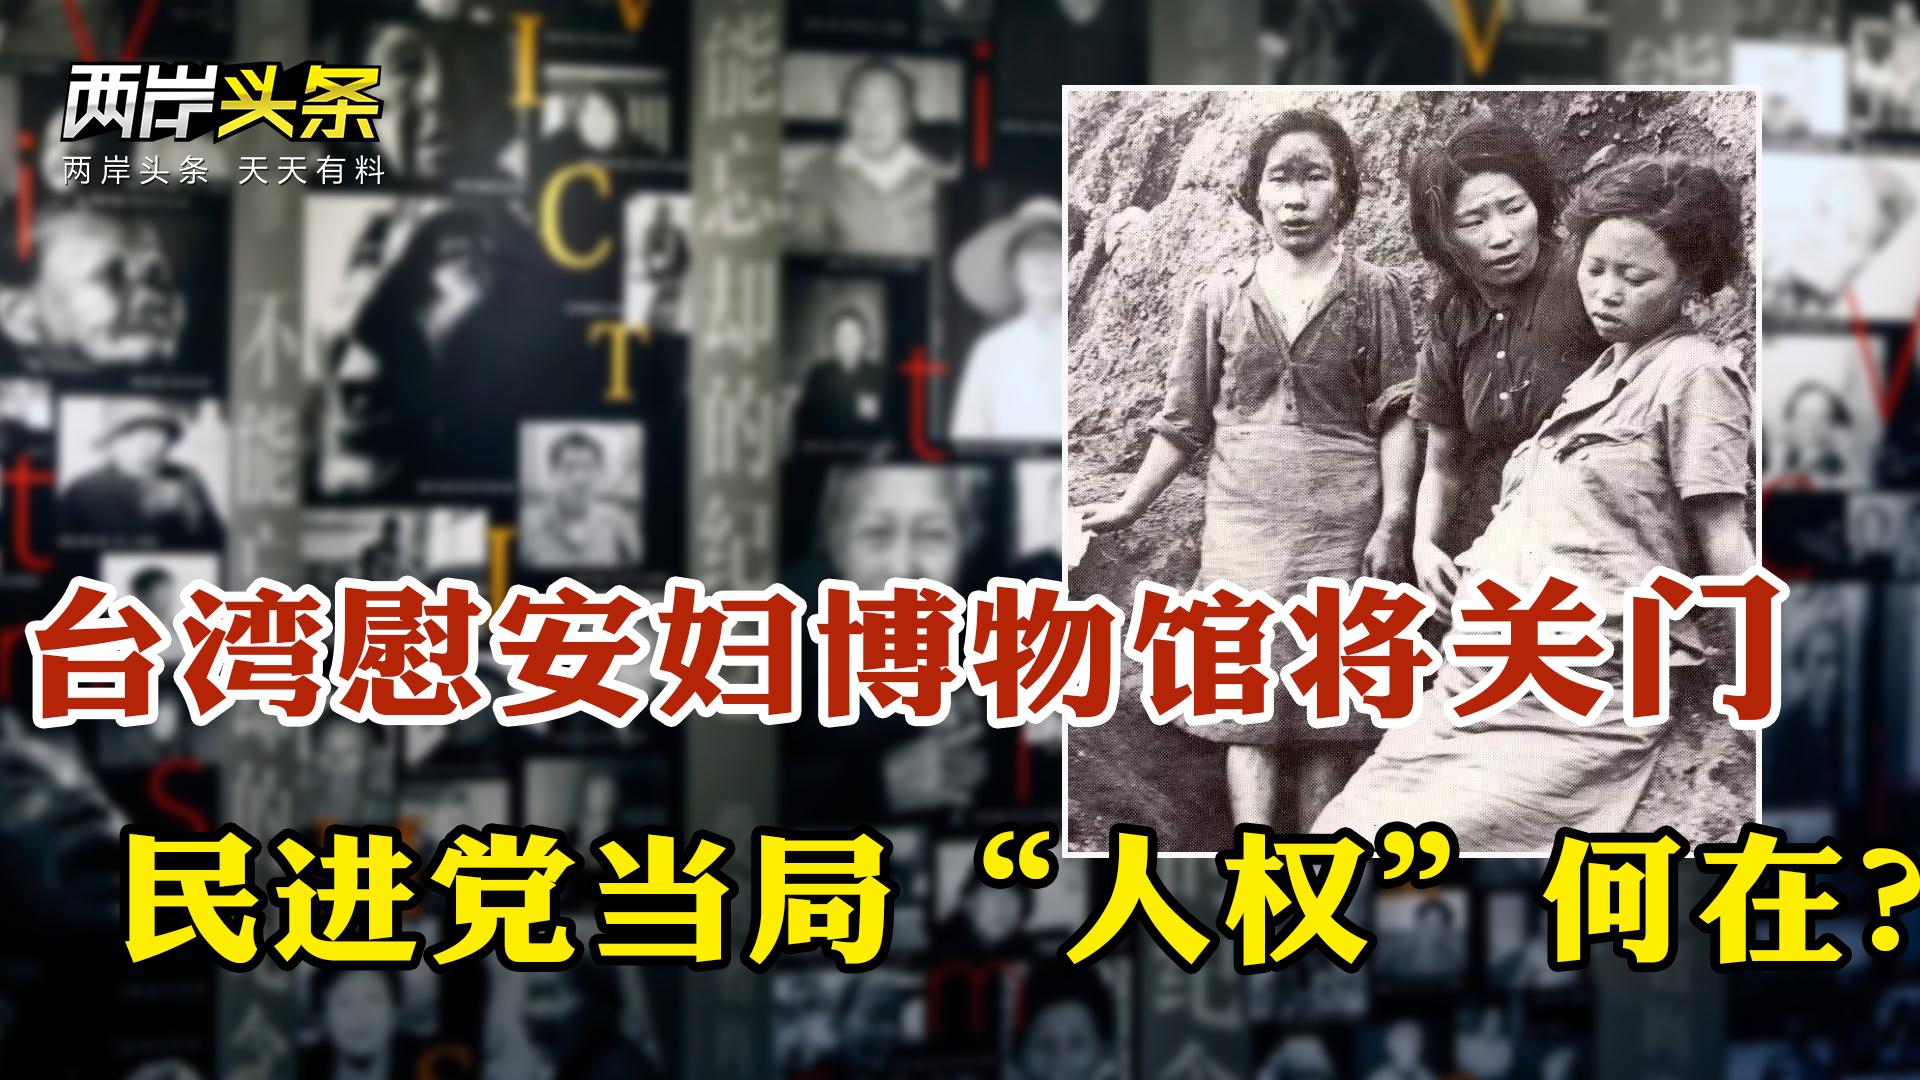 """台湾唯一慰安妇博物馆将闭馆 强调""""人权""""的台当局哪去了?图片"""